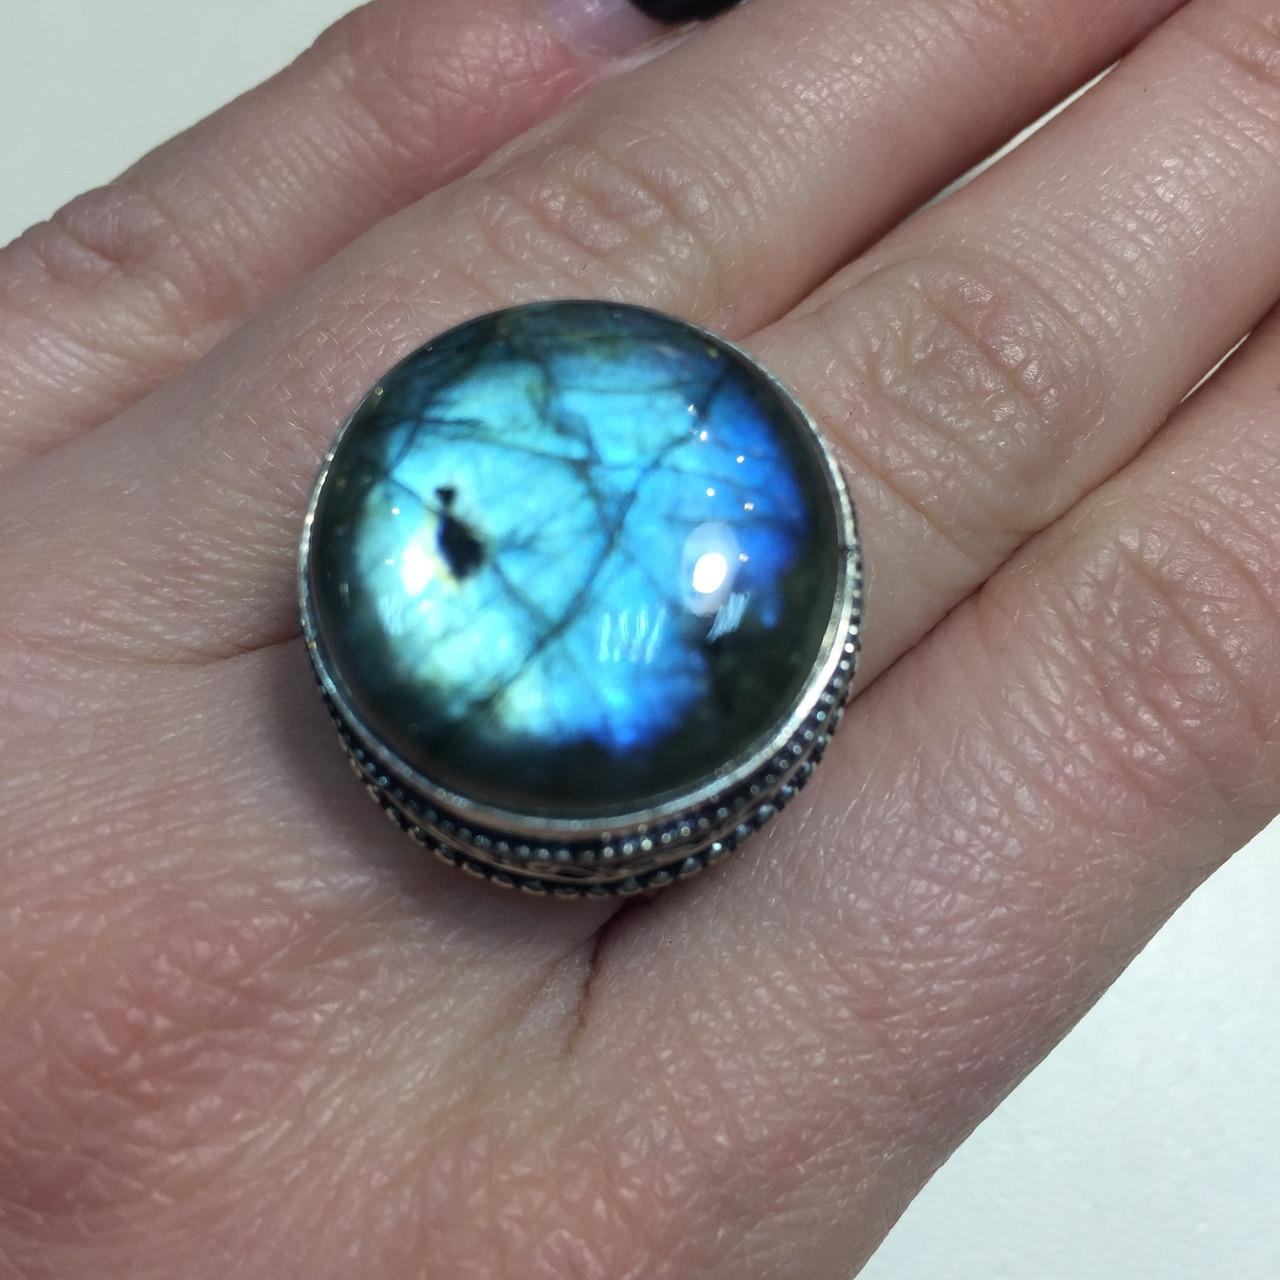 Круглое кольцо лабрадор в серебре. Кольцо с лабрадором 17,3 размер Индия!